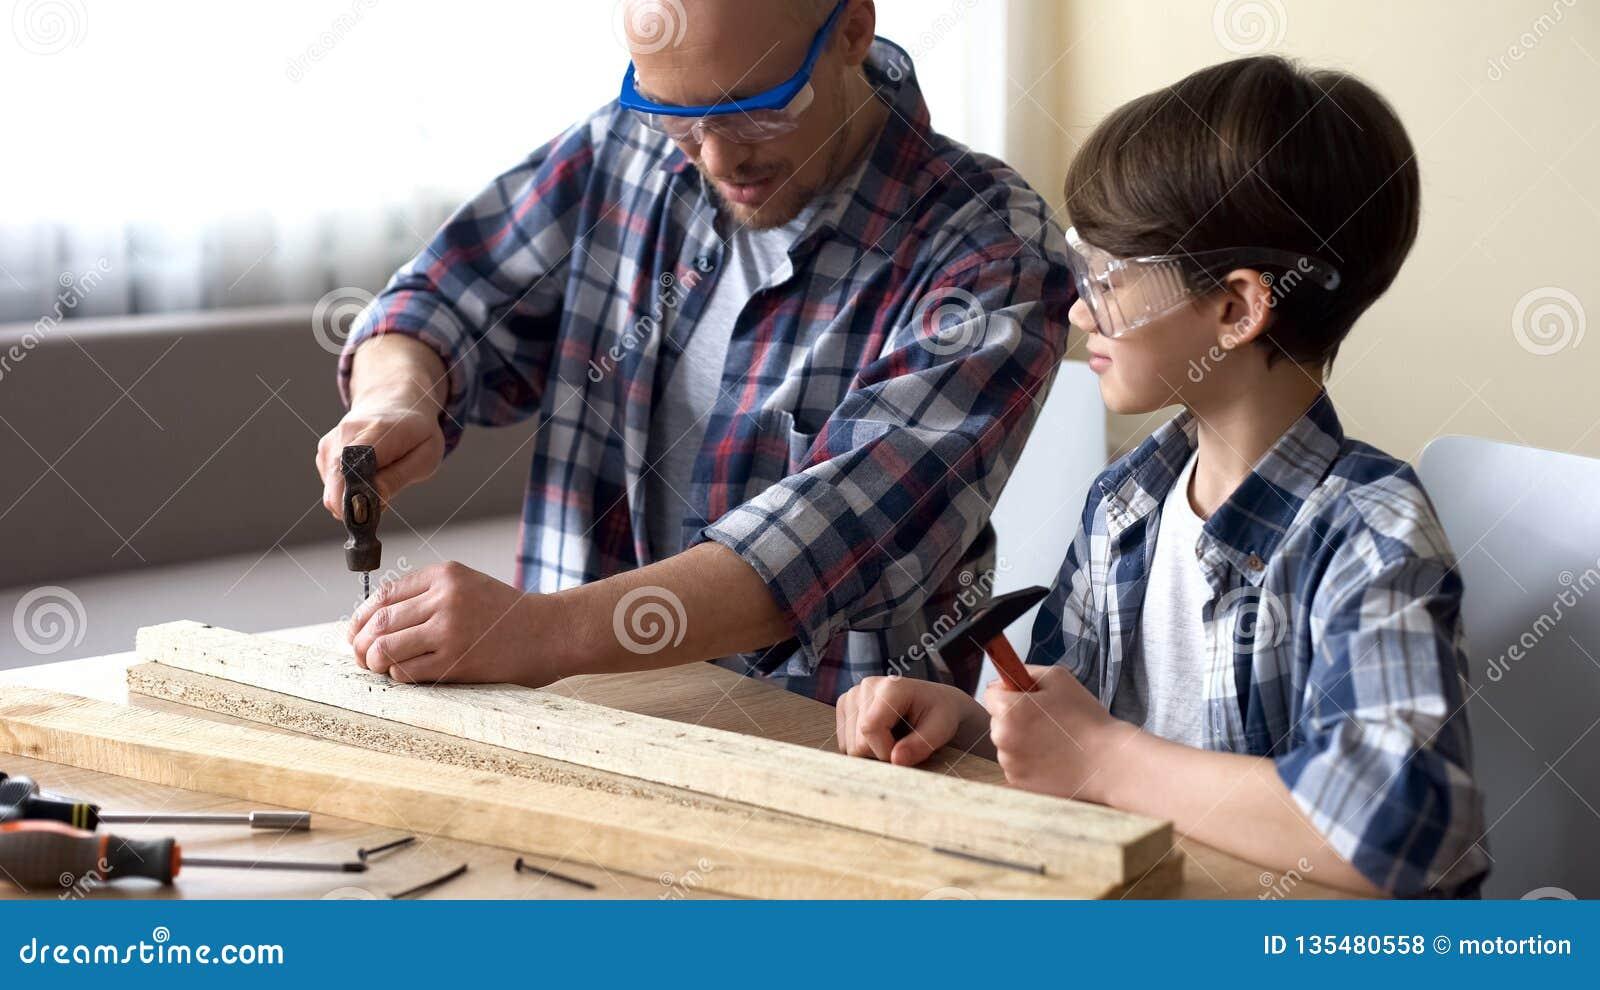 Μπαμπάς που διδάσκει λίγο γιο πώς να χρησιμοποιήσει το σφυρί ακίνδυνα, τον οικογενειακό ελεύθερο χρόνο, το χόμπι και τη διασκέδασ